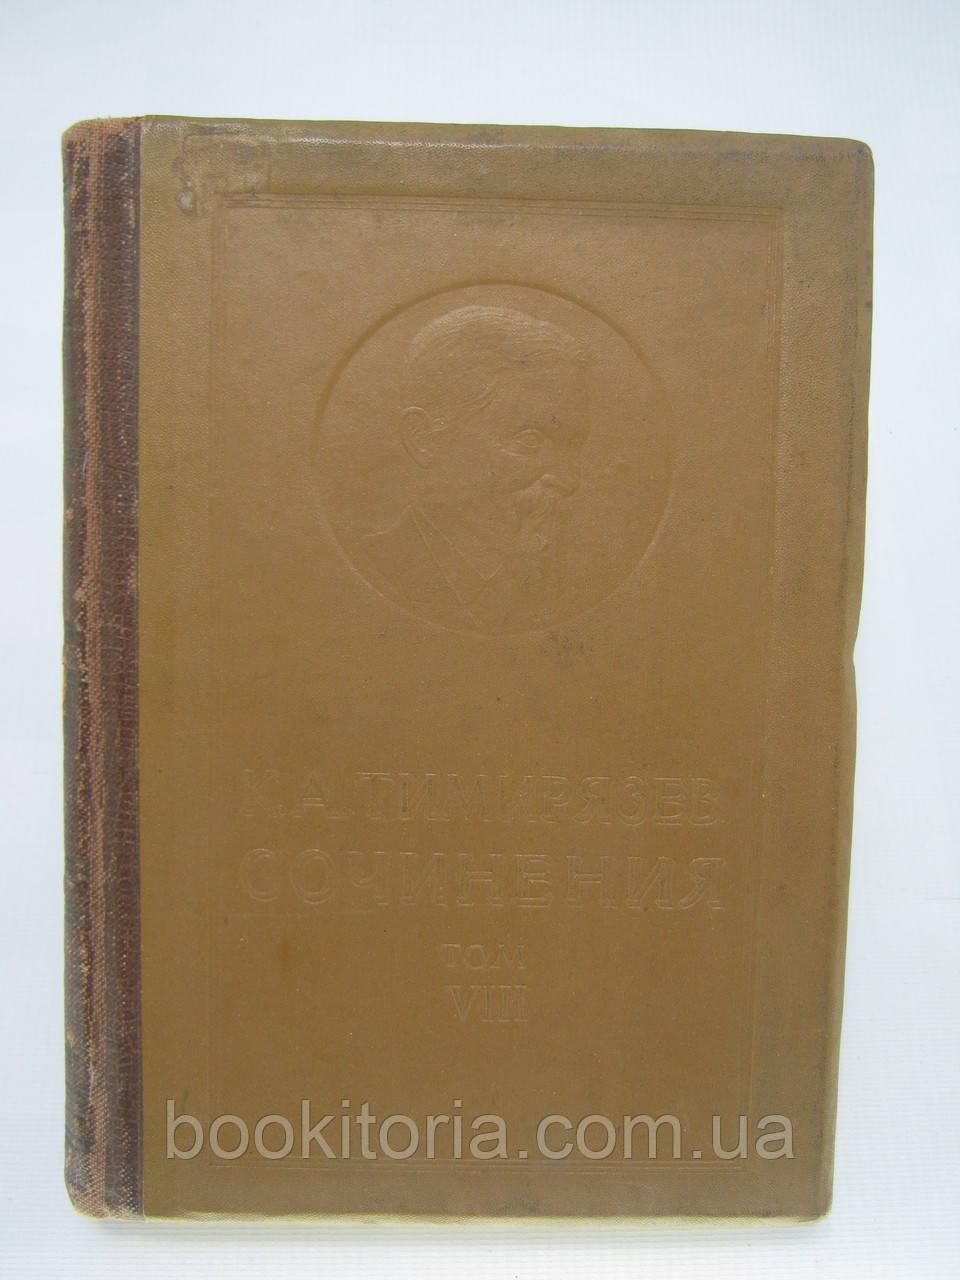 Тимирязев К.А. Сочинения. В 10-ти томах. Том VIII (8) (б/у).